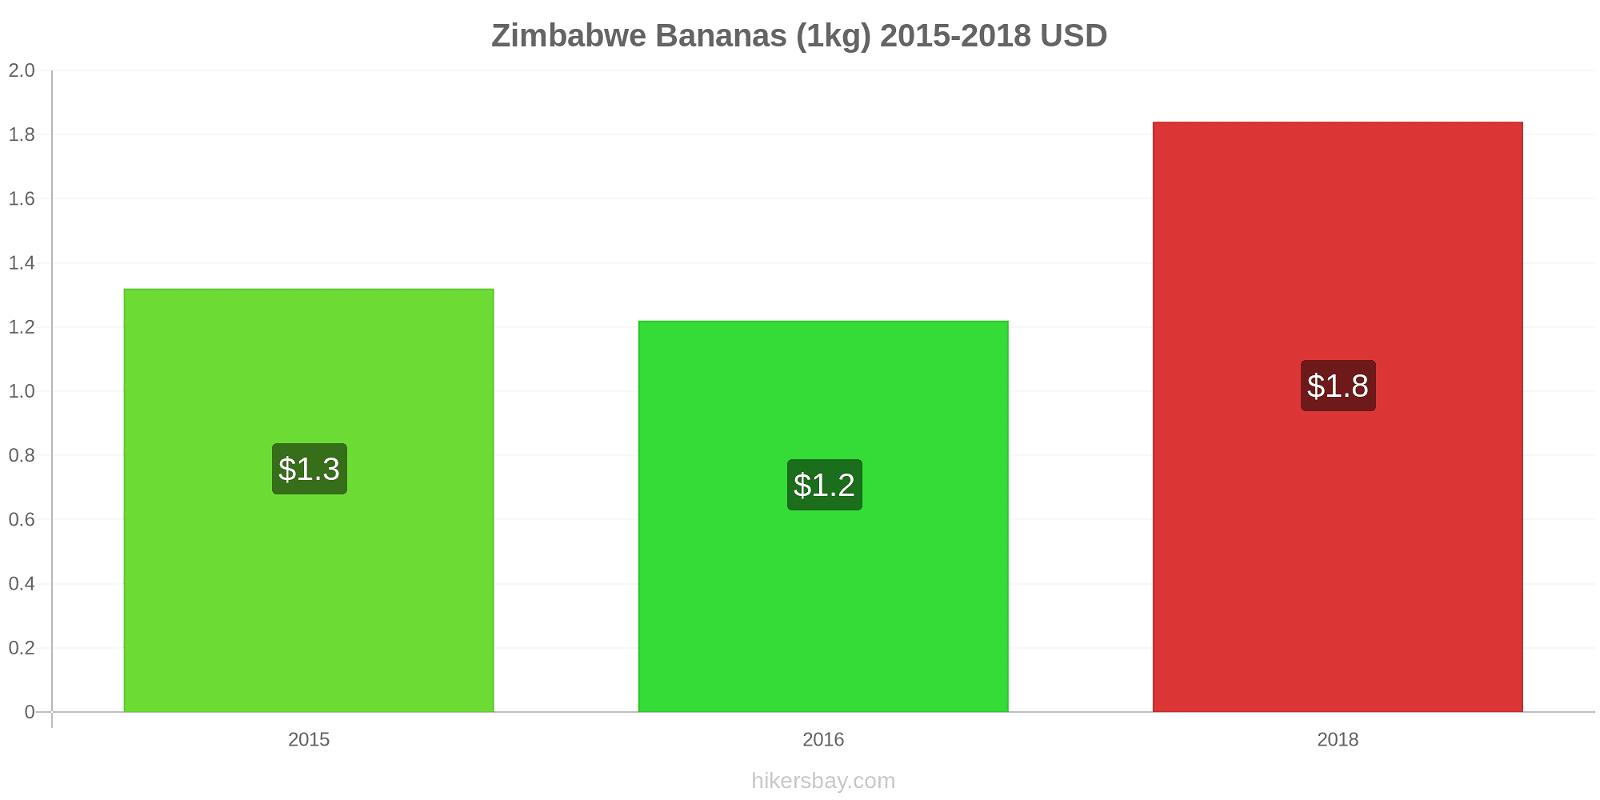 Zimbabwe price changes Bananas (1kg) hikersbay.com